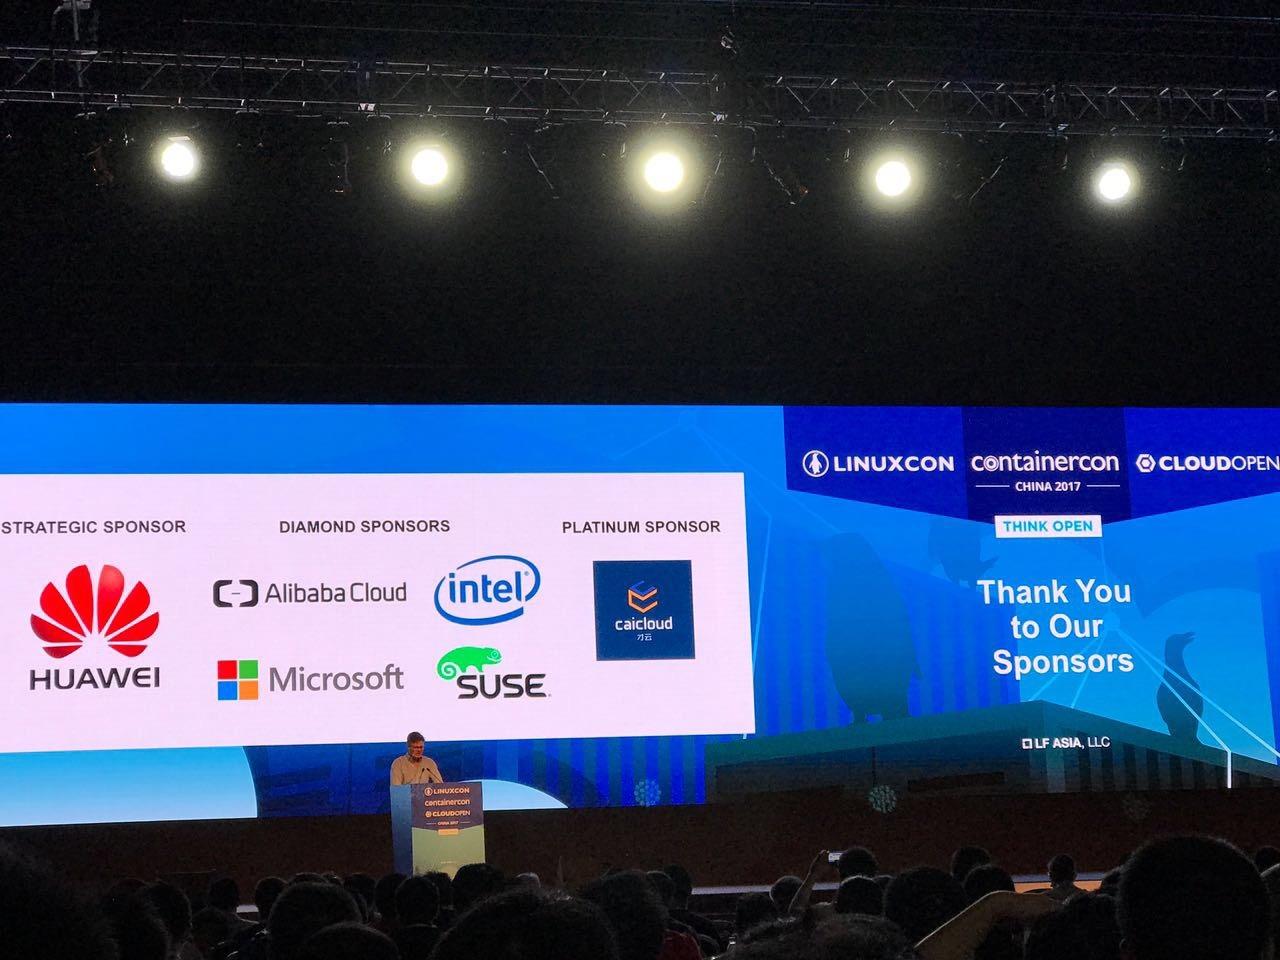 linuxcon-2017-china-beijing-sponsor.jpg